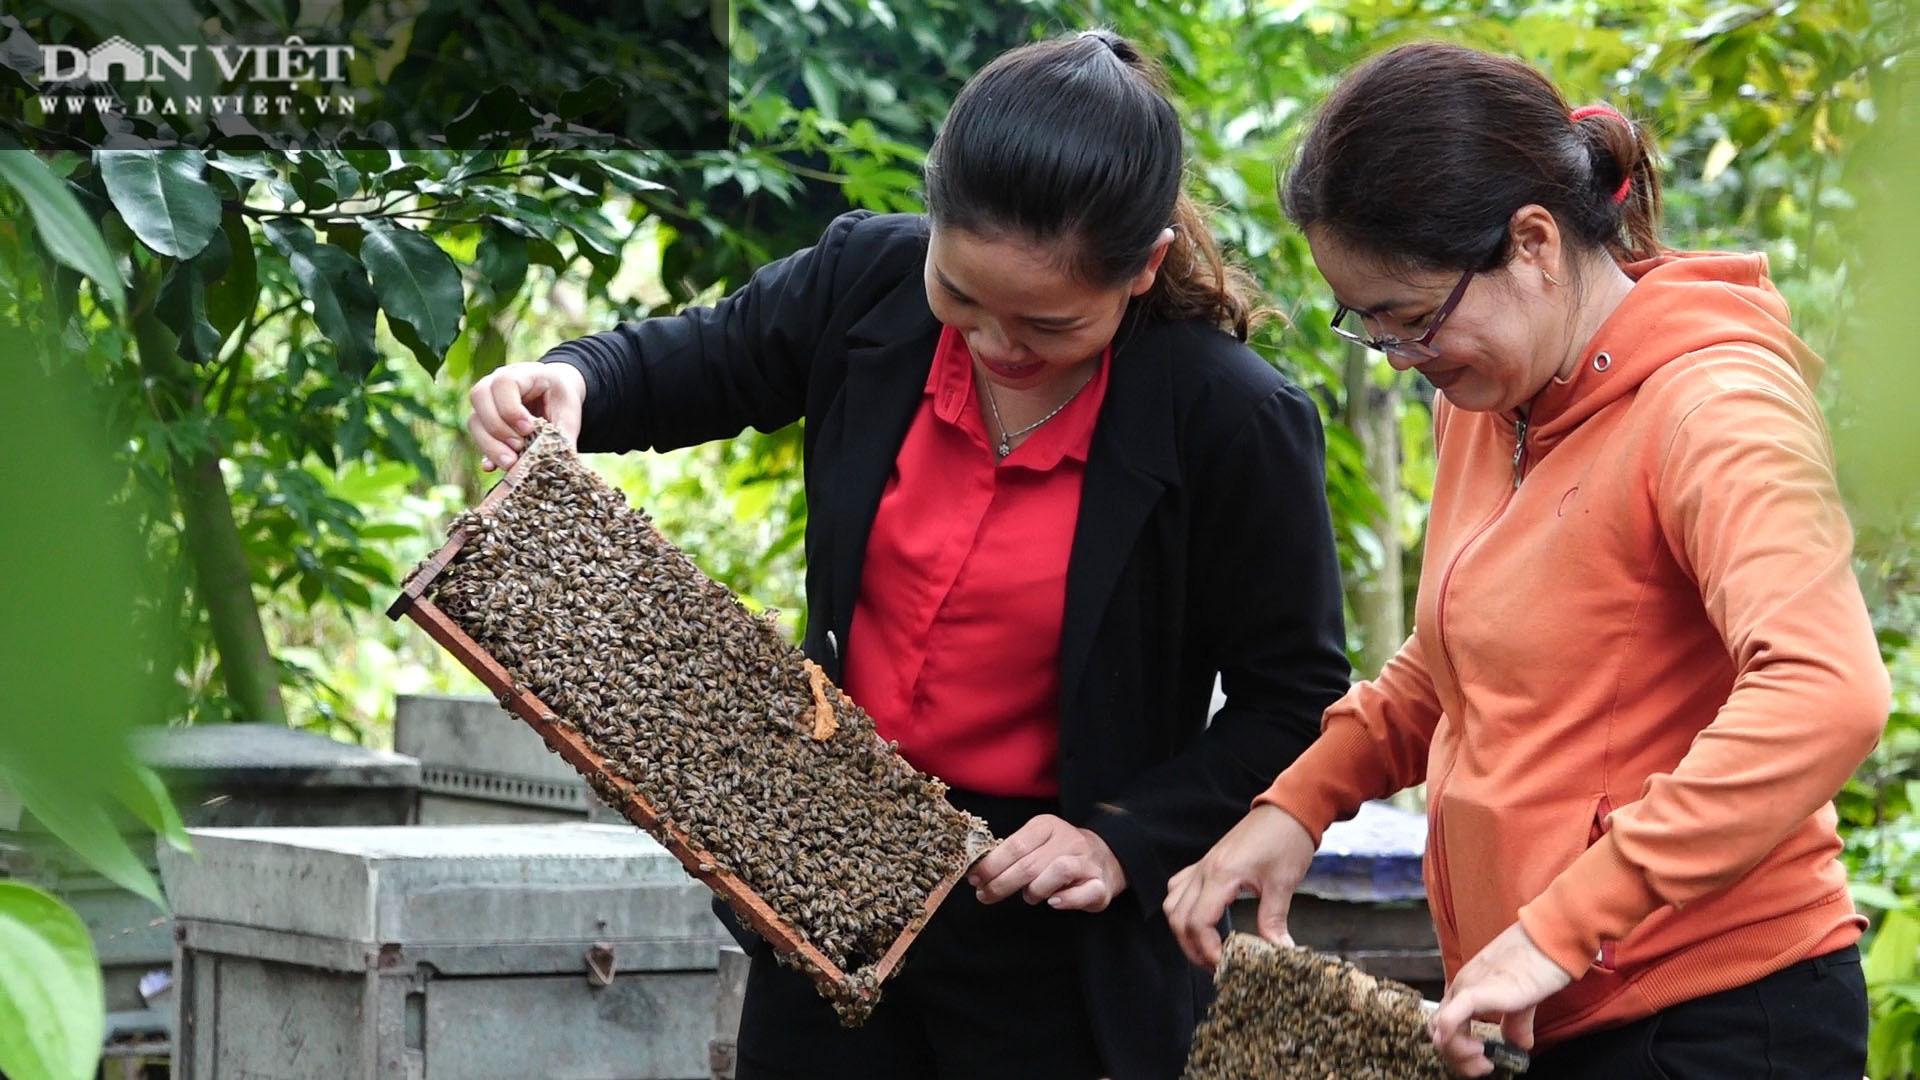 Du mục với đàn ong khắp các vùng hoa trù phú, nông dân sống khỏe với những vụ mật ngọt ngào - Ảnh 1.